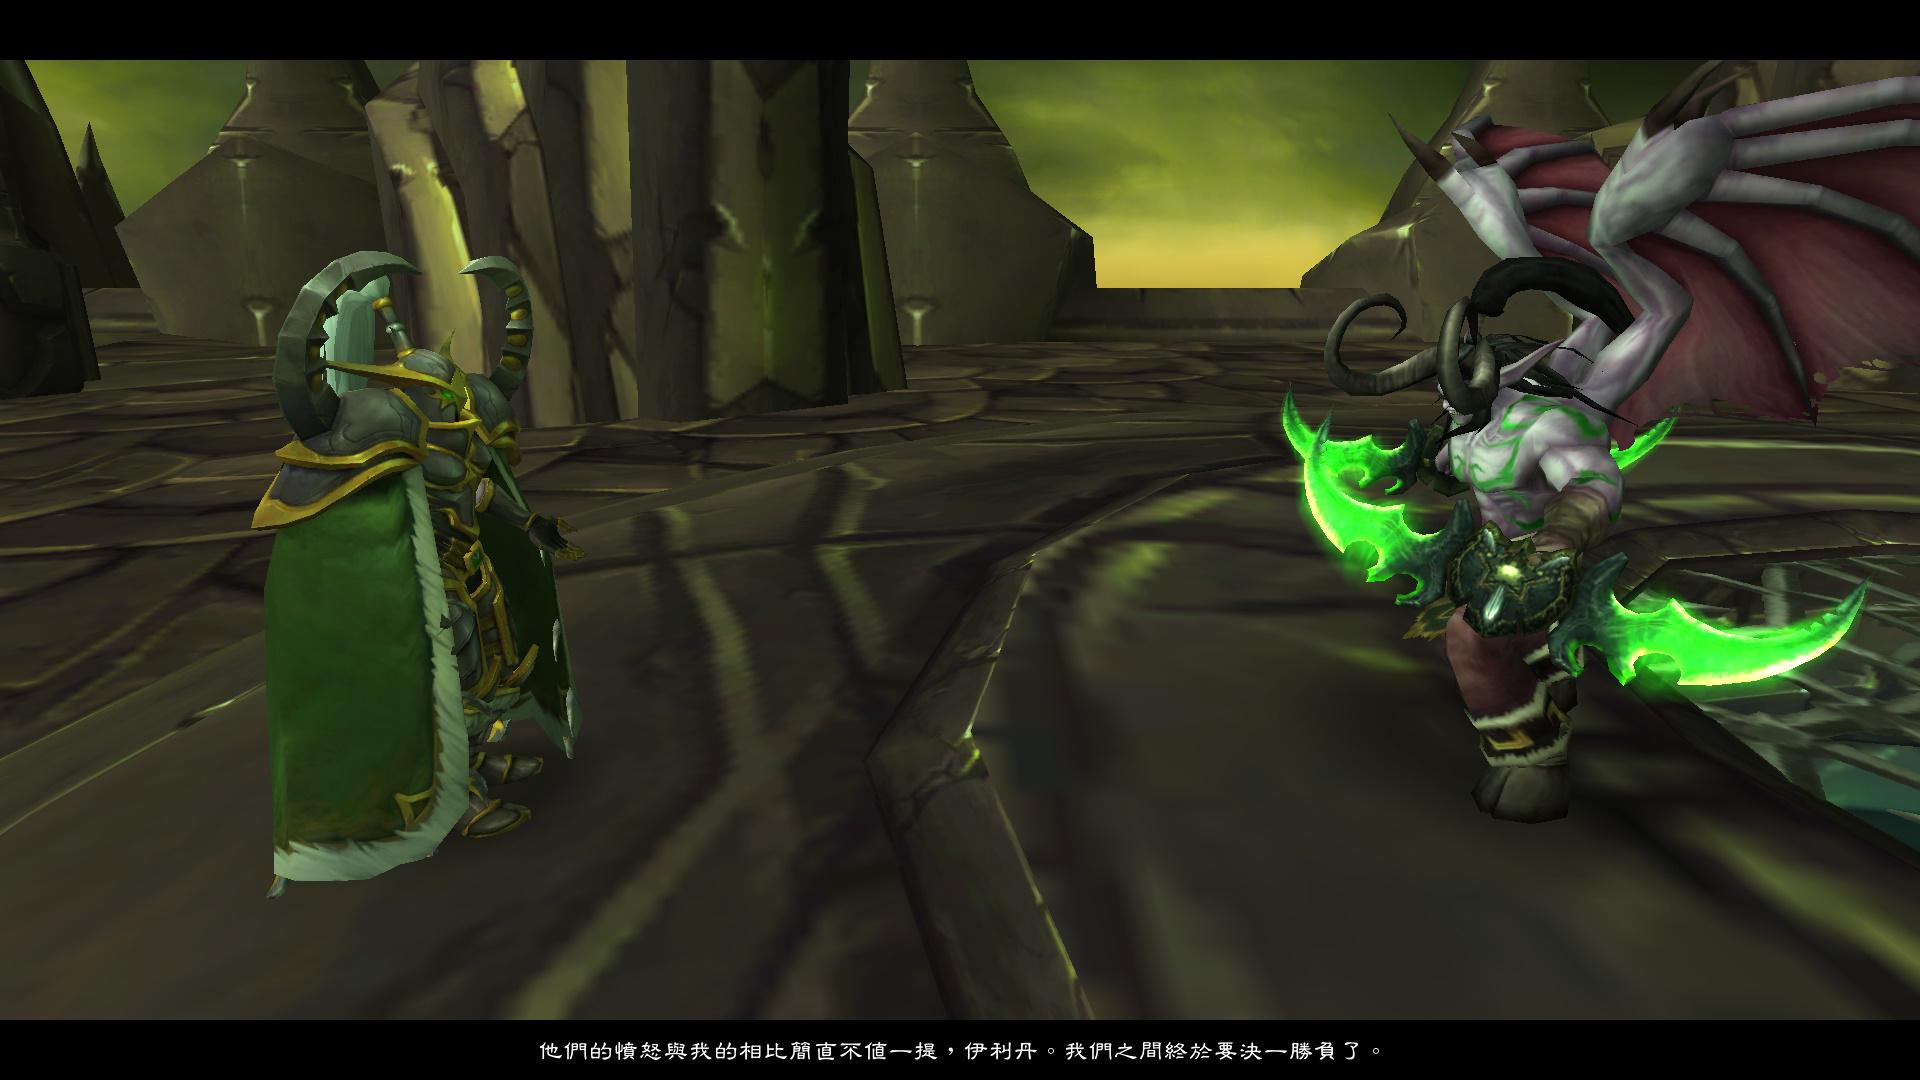 《魔兽世界:军团再临》又出新内容